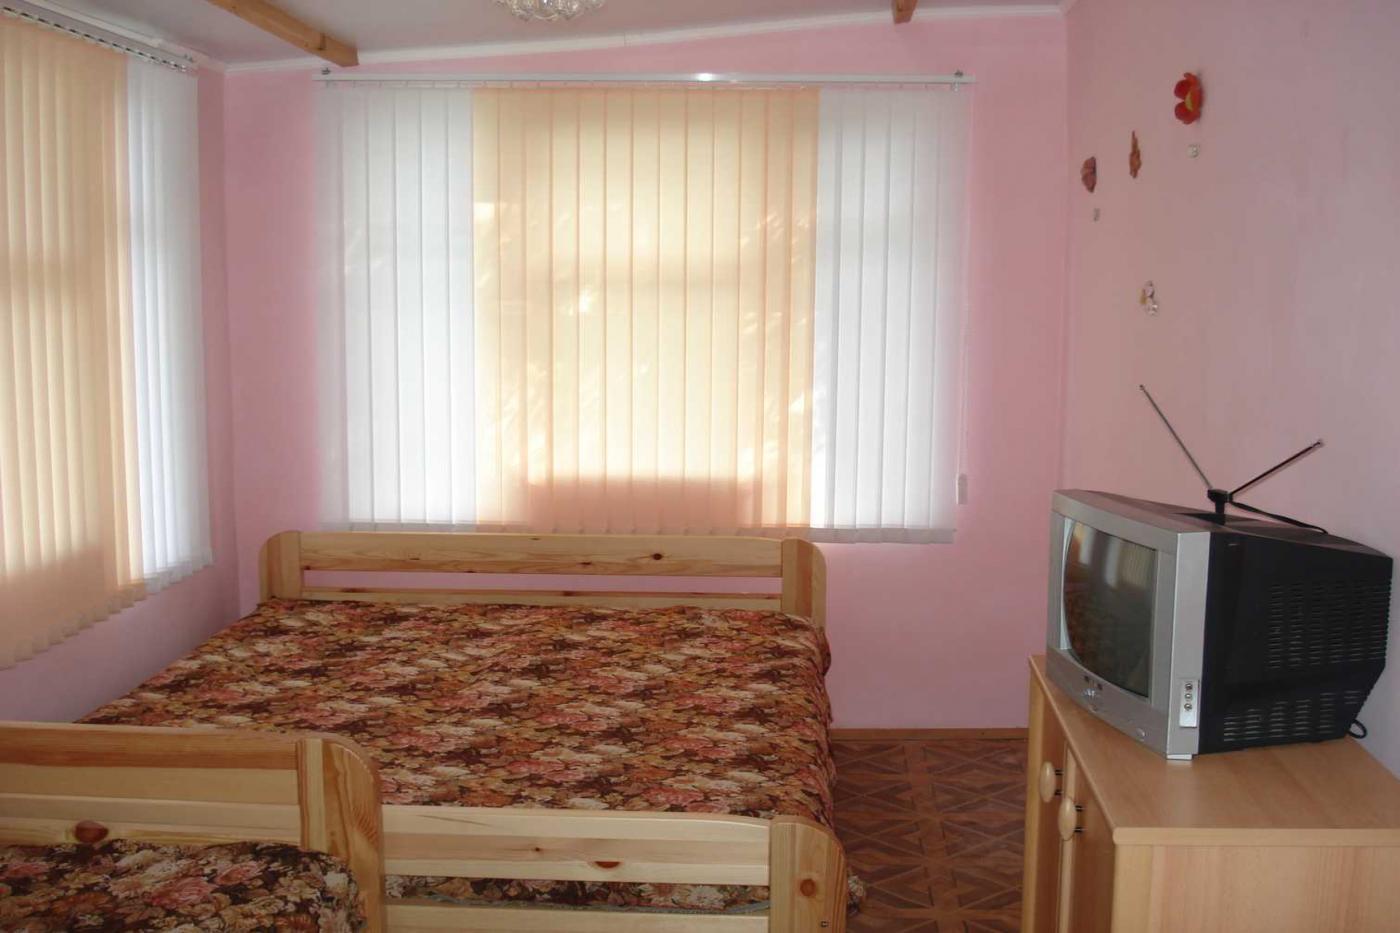 2-комнатная квартира посуточно (вариант № 876), ул. Кастрополь, ул. Кипарисная улица, фото № 13